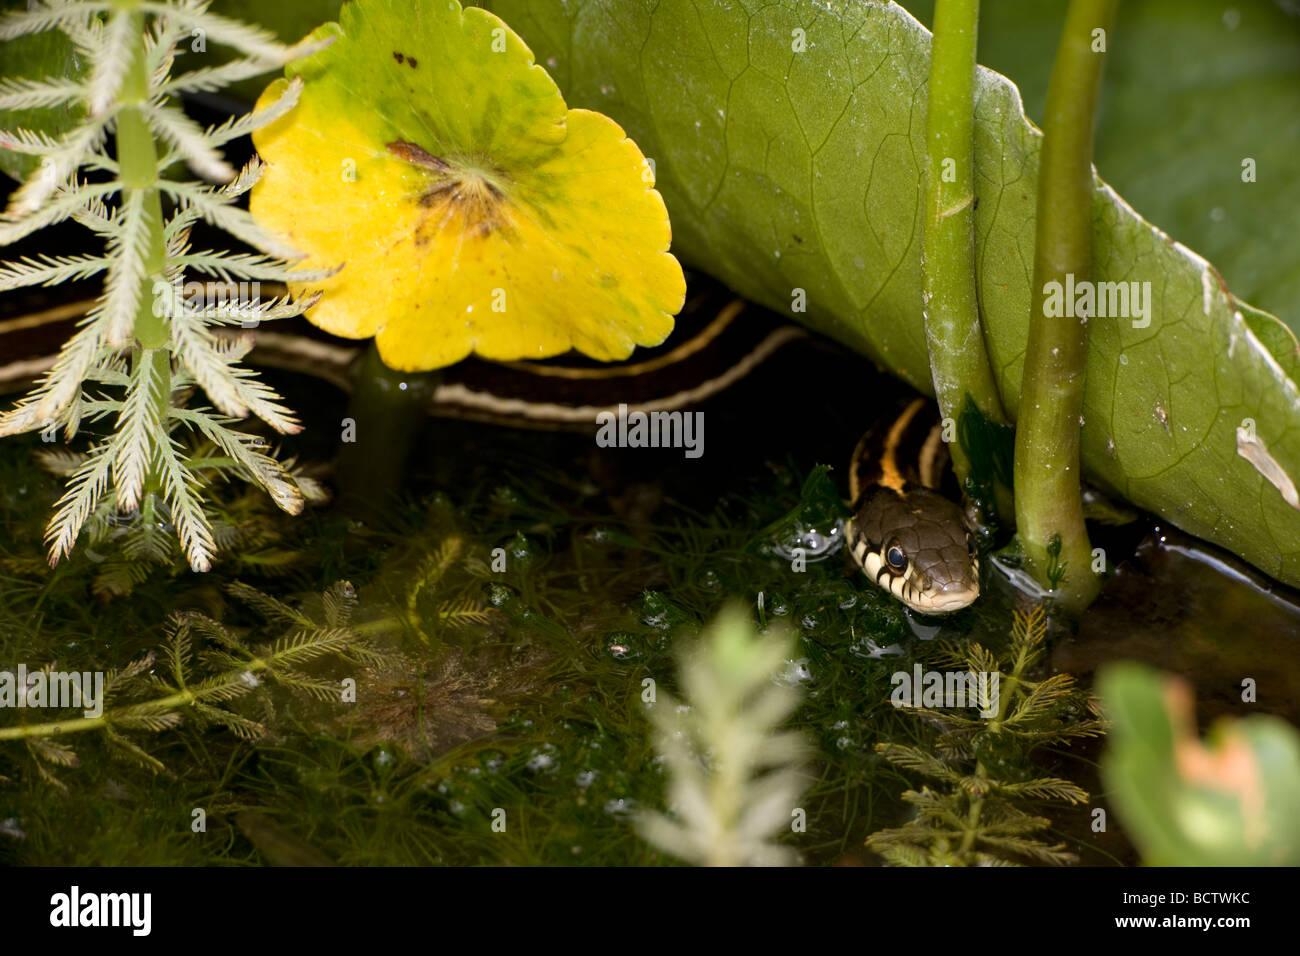 Nero a collo di serpente giarrettiera (Thamnophis cyrtopsis) Az - USA - Semi-acquatico - In stagno con ninfee Foto Stock